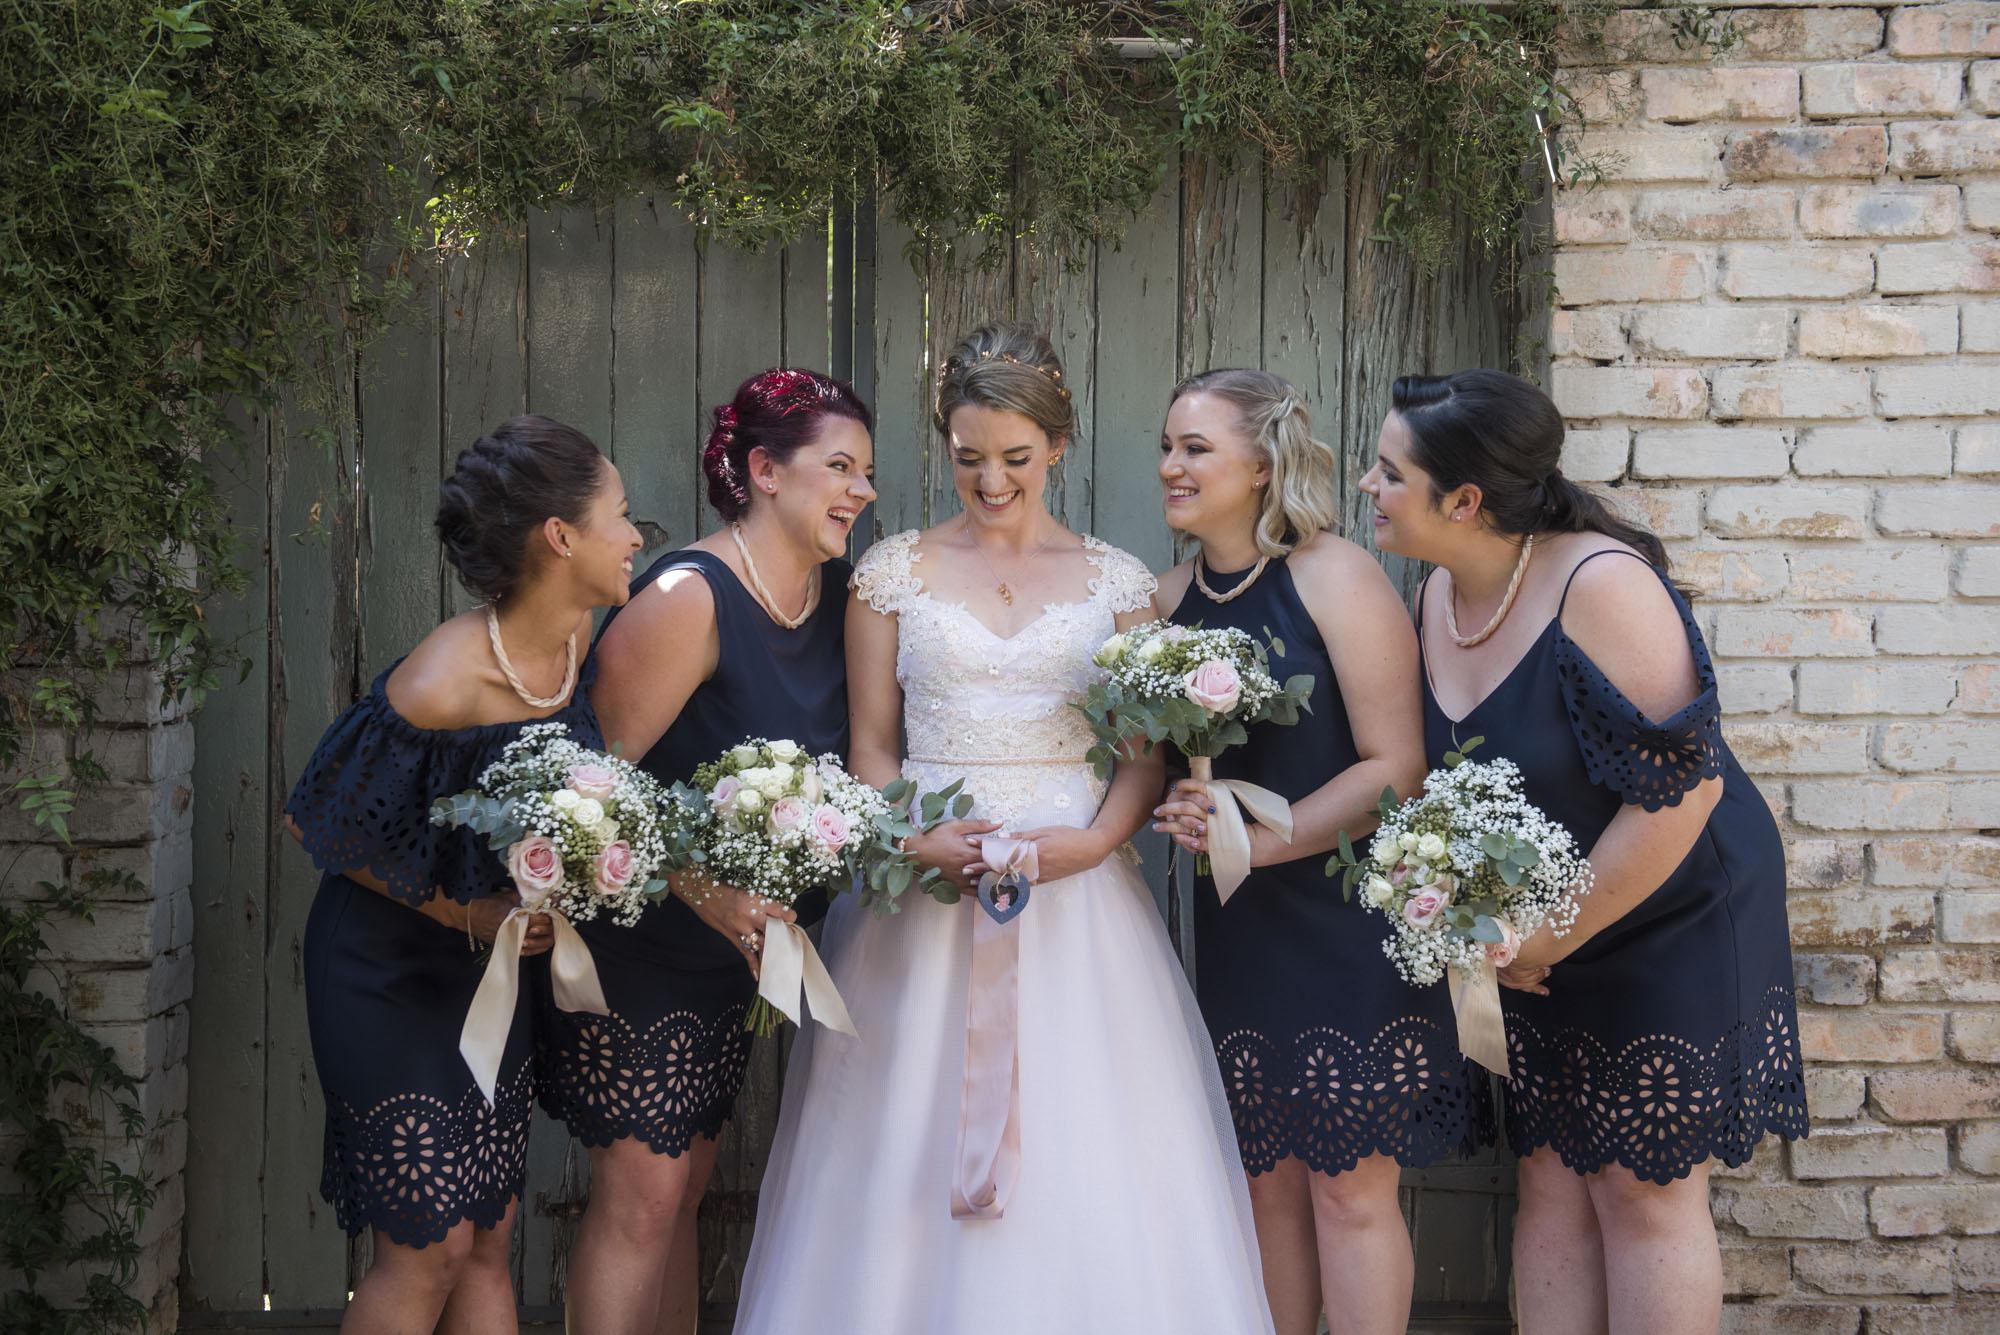 084-wedding-photographers-johannesburg084-wedding-photographers-johannesburg_a.jpg